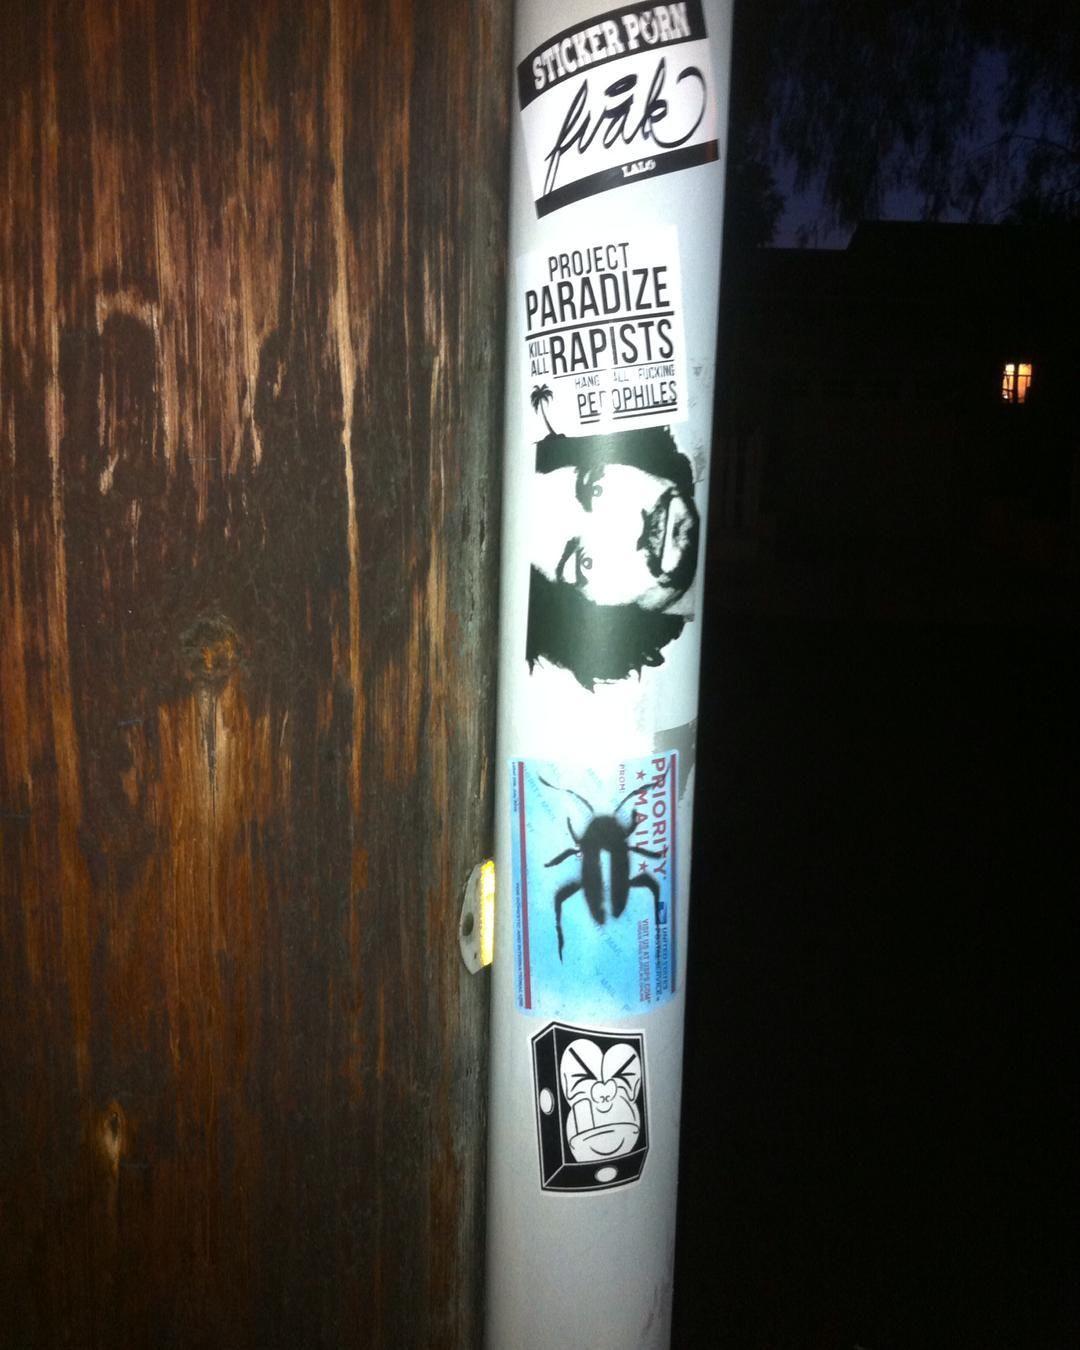 Charlie. #slaps #stickervandal #stickers #streetart #graff #stickerporn by forthemind